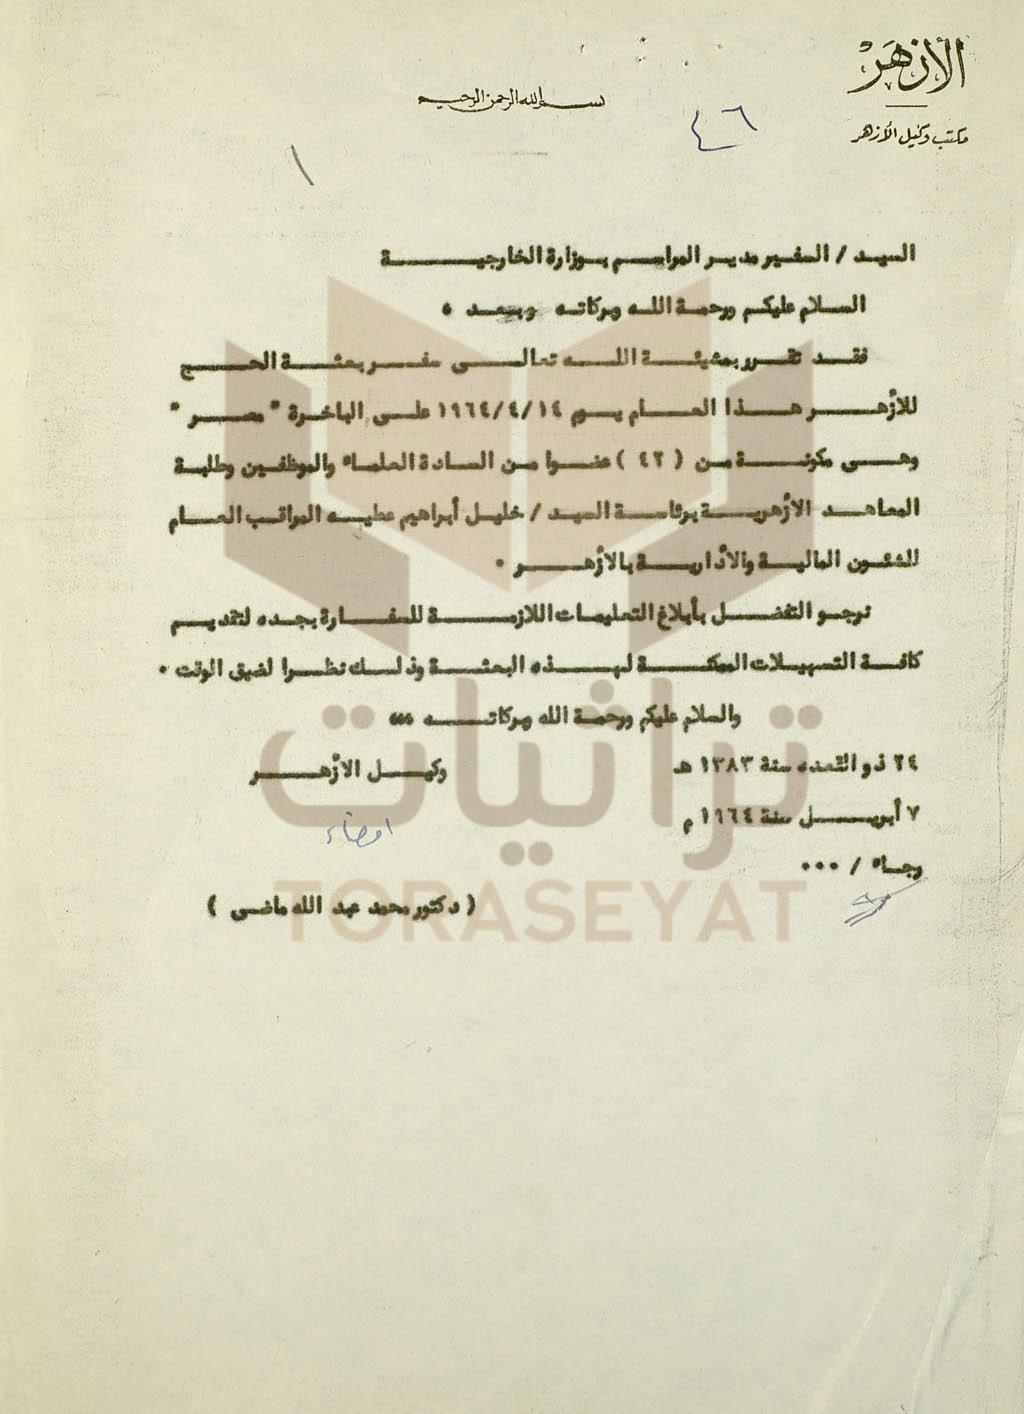 وثيقة سفر 42 أزهريًا للحج سنة 1964 م